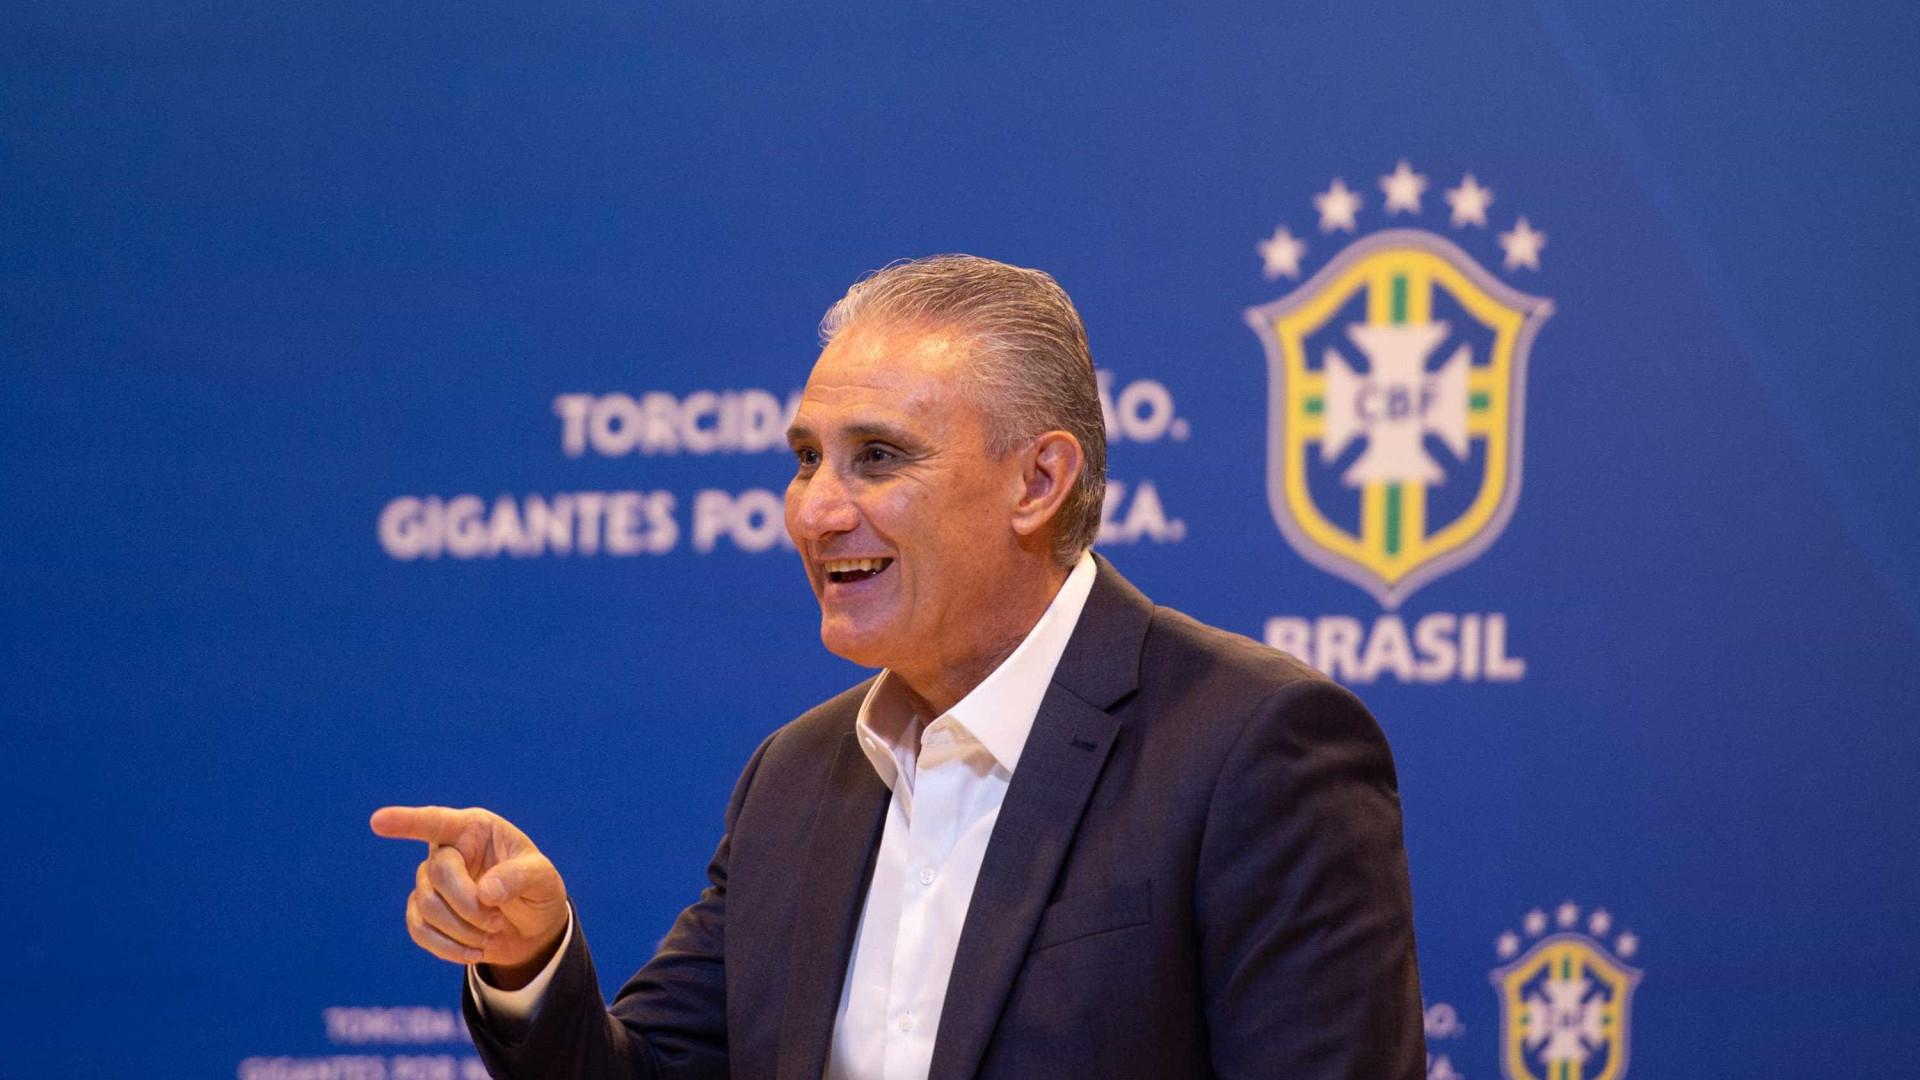 Sorteio dos grupos da Copa América será realizado nesta quinta-feira